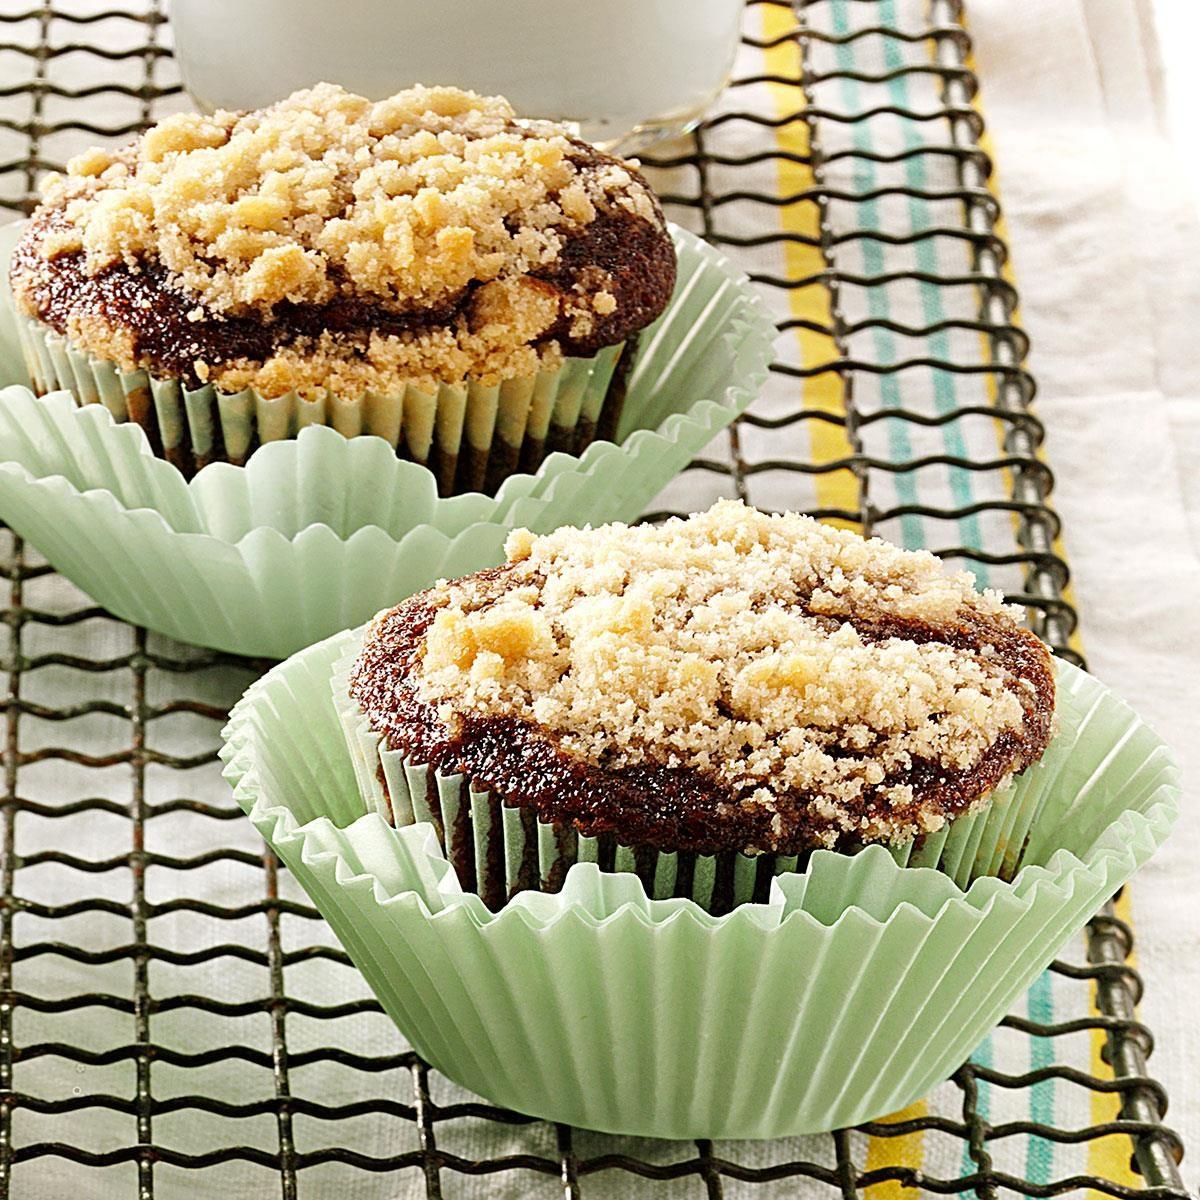 Shoofly Cupcakes